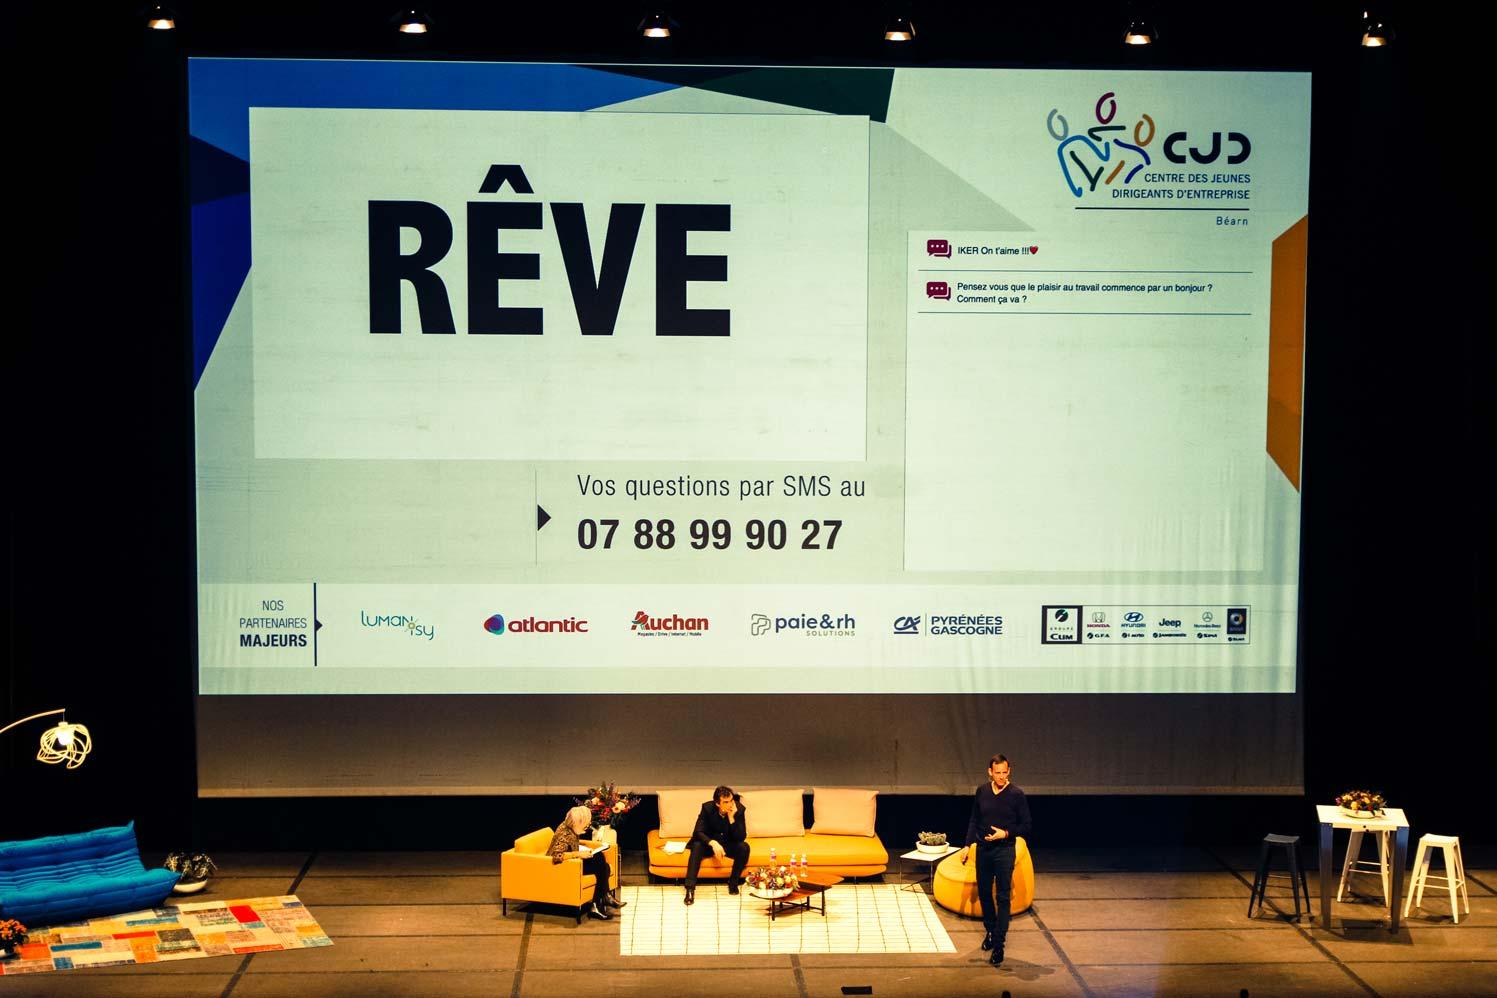 """Le rêve, une composante essentiel pour que le travail, non, la vie soit source de performance durable. Iker Aguirre en pleine conférence. Merci le public pour le """"Iker, on t'aime !"""" :-)"""